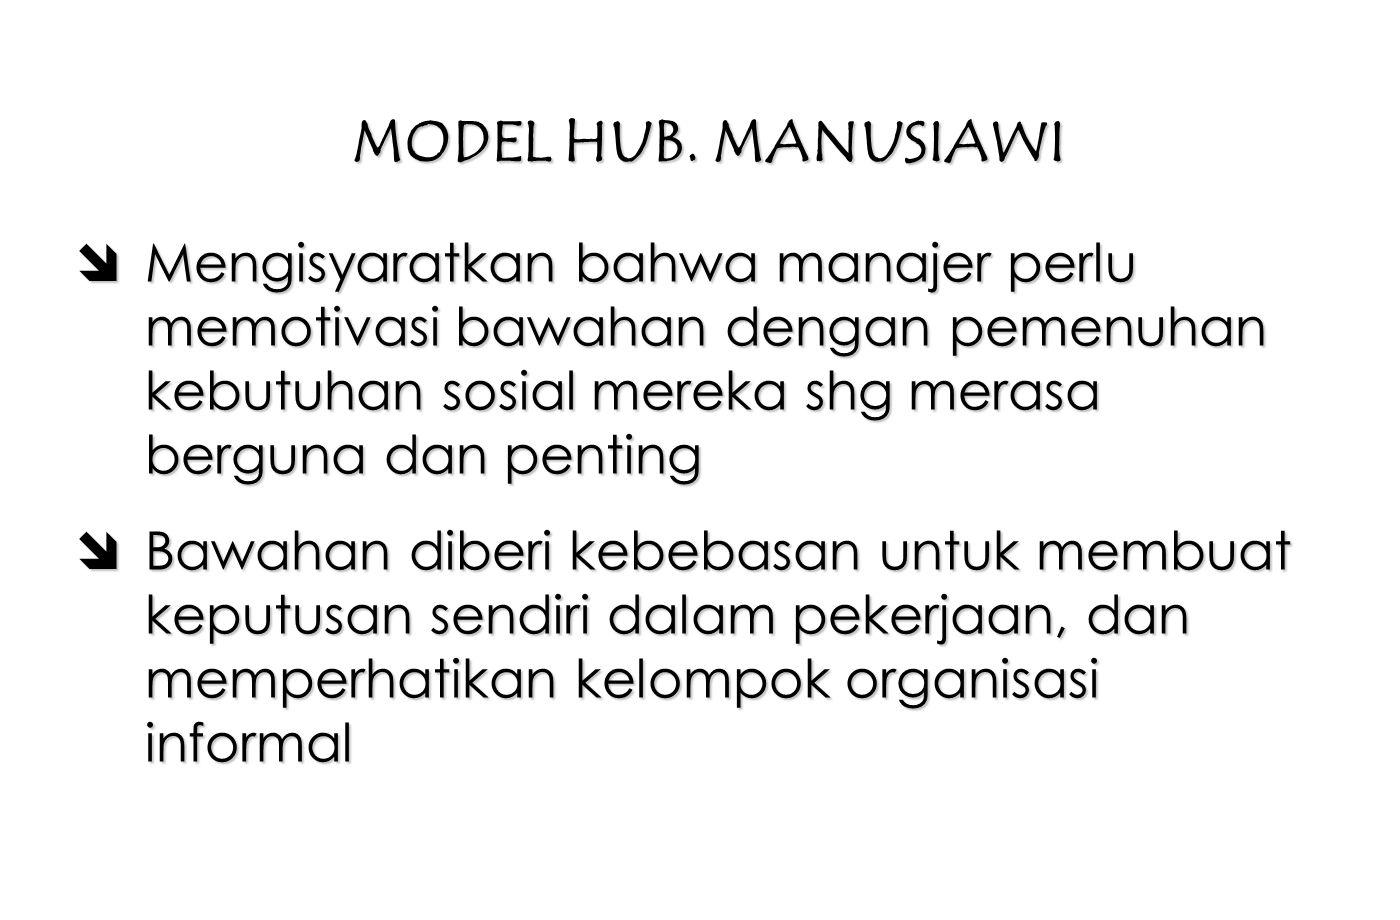 MODEL HUB. MANUSIAWI Mengisyaratkan bahwa manajer perlu memotivasi bawahan dengan pemenuhan kebutuhan sosial mereka shg merasa berguna dan penting.